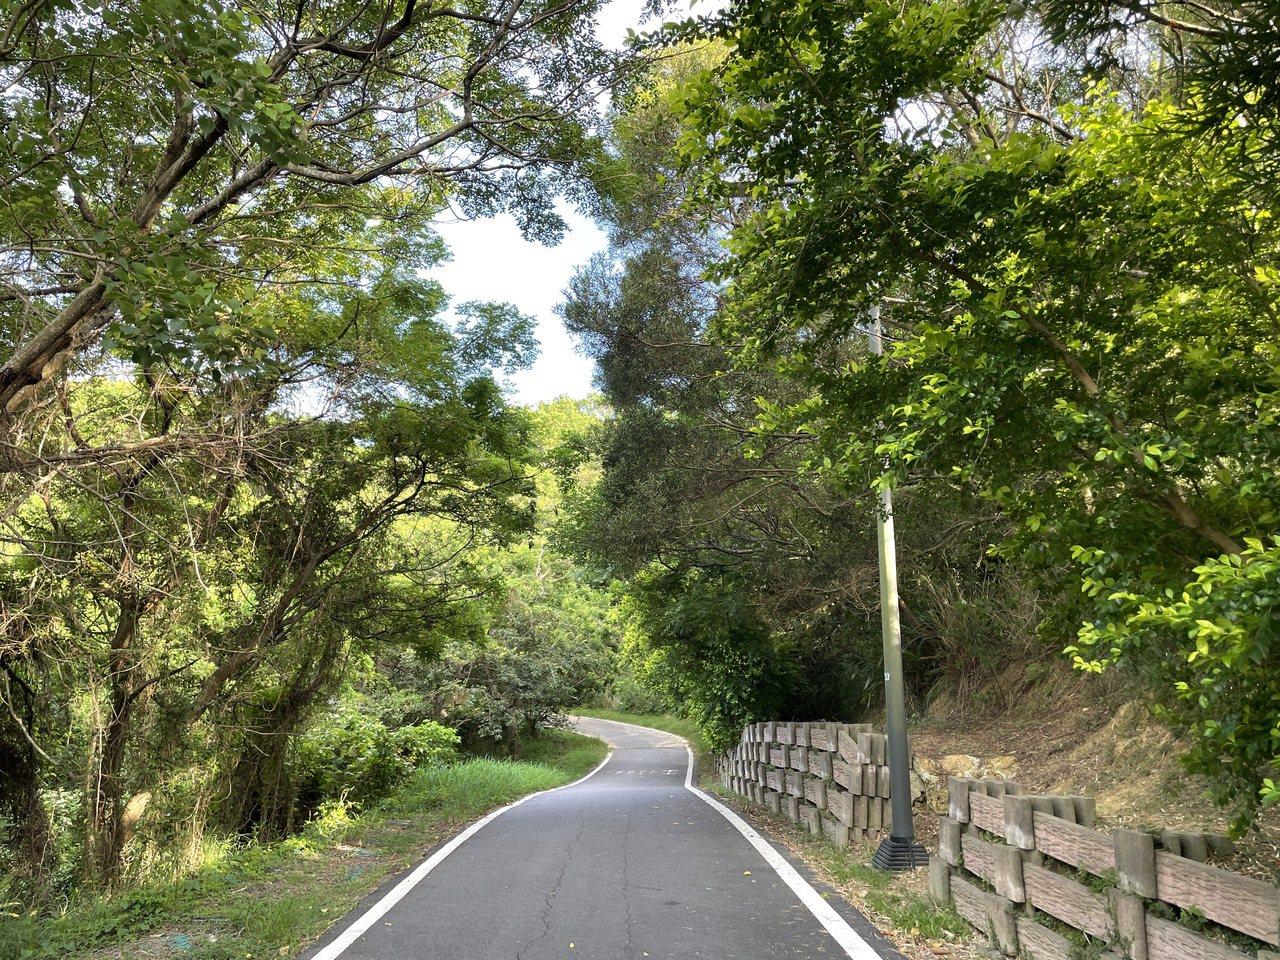 青青草原周邊步道平緩,兩側綠樹成蔭,走起來相當舒適。 圖/張裕珍 攝影